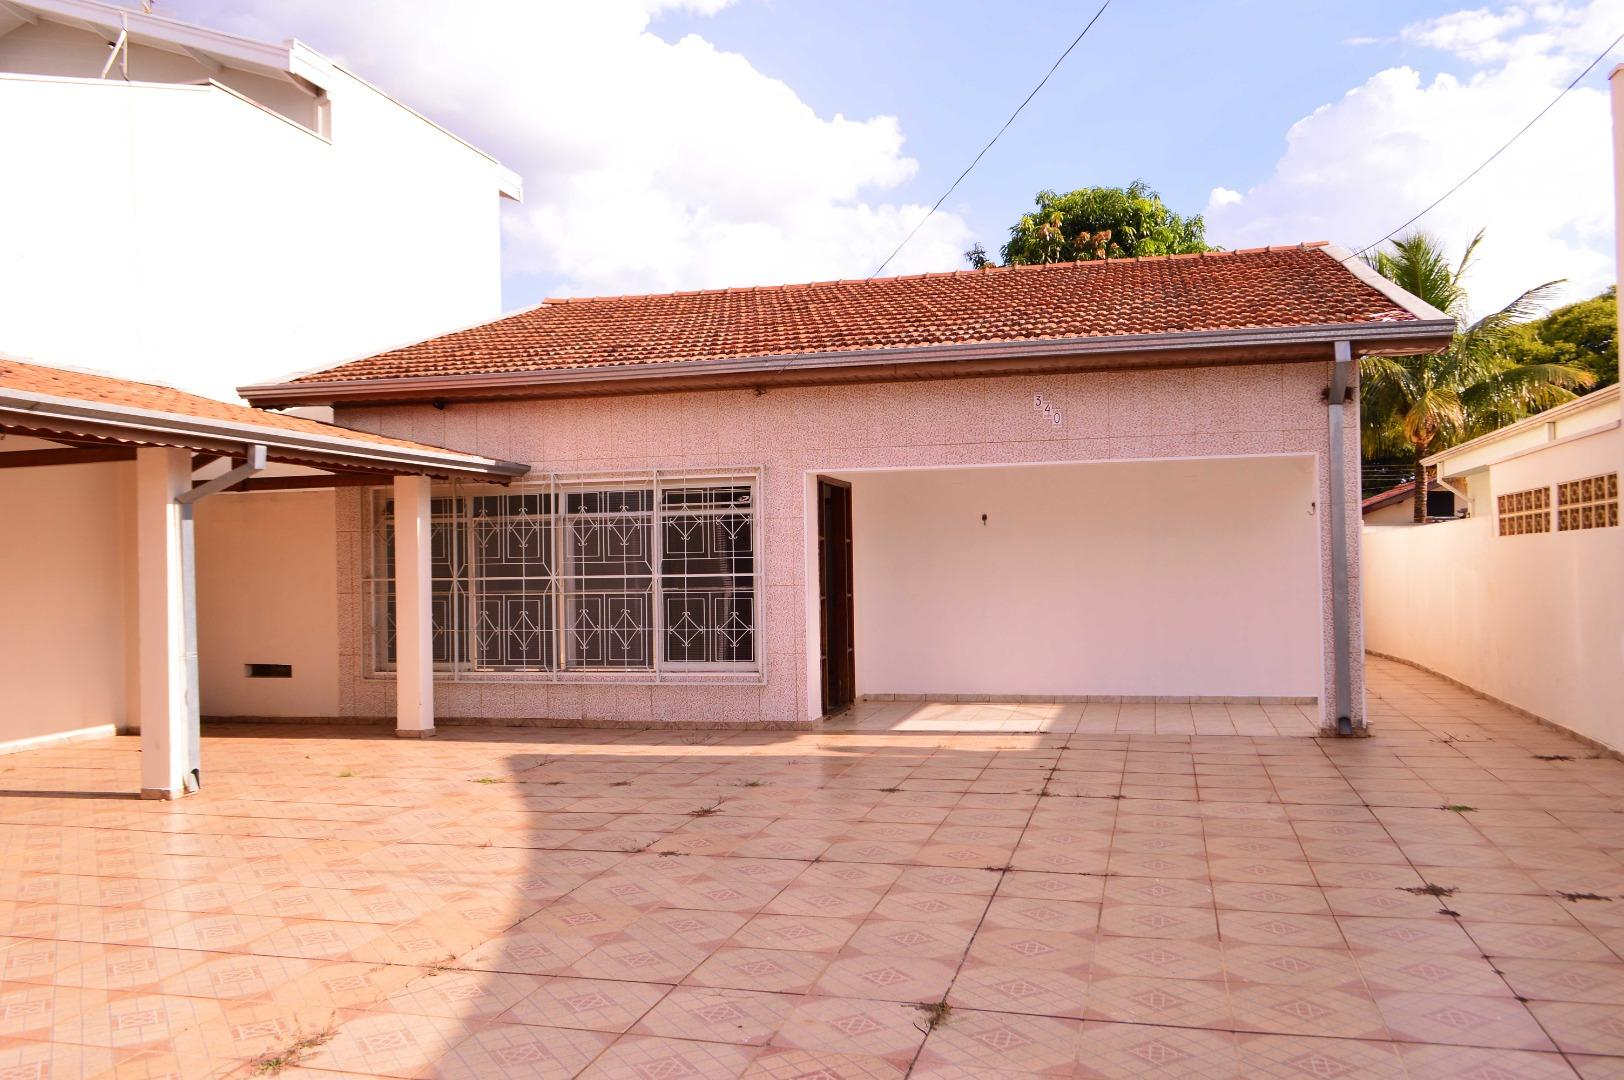 Casa com 3 dormitórios à venda, 170 m² por R$ 450.000 - Santa Luiza II - Nova Odessa/SP